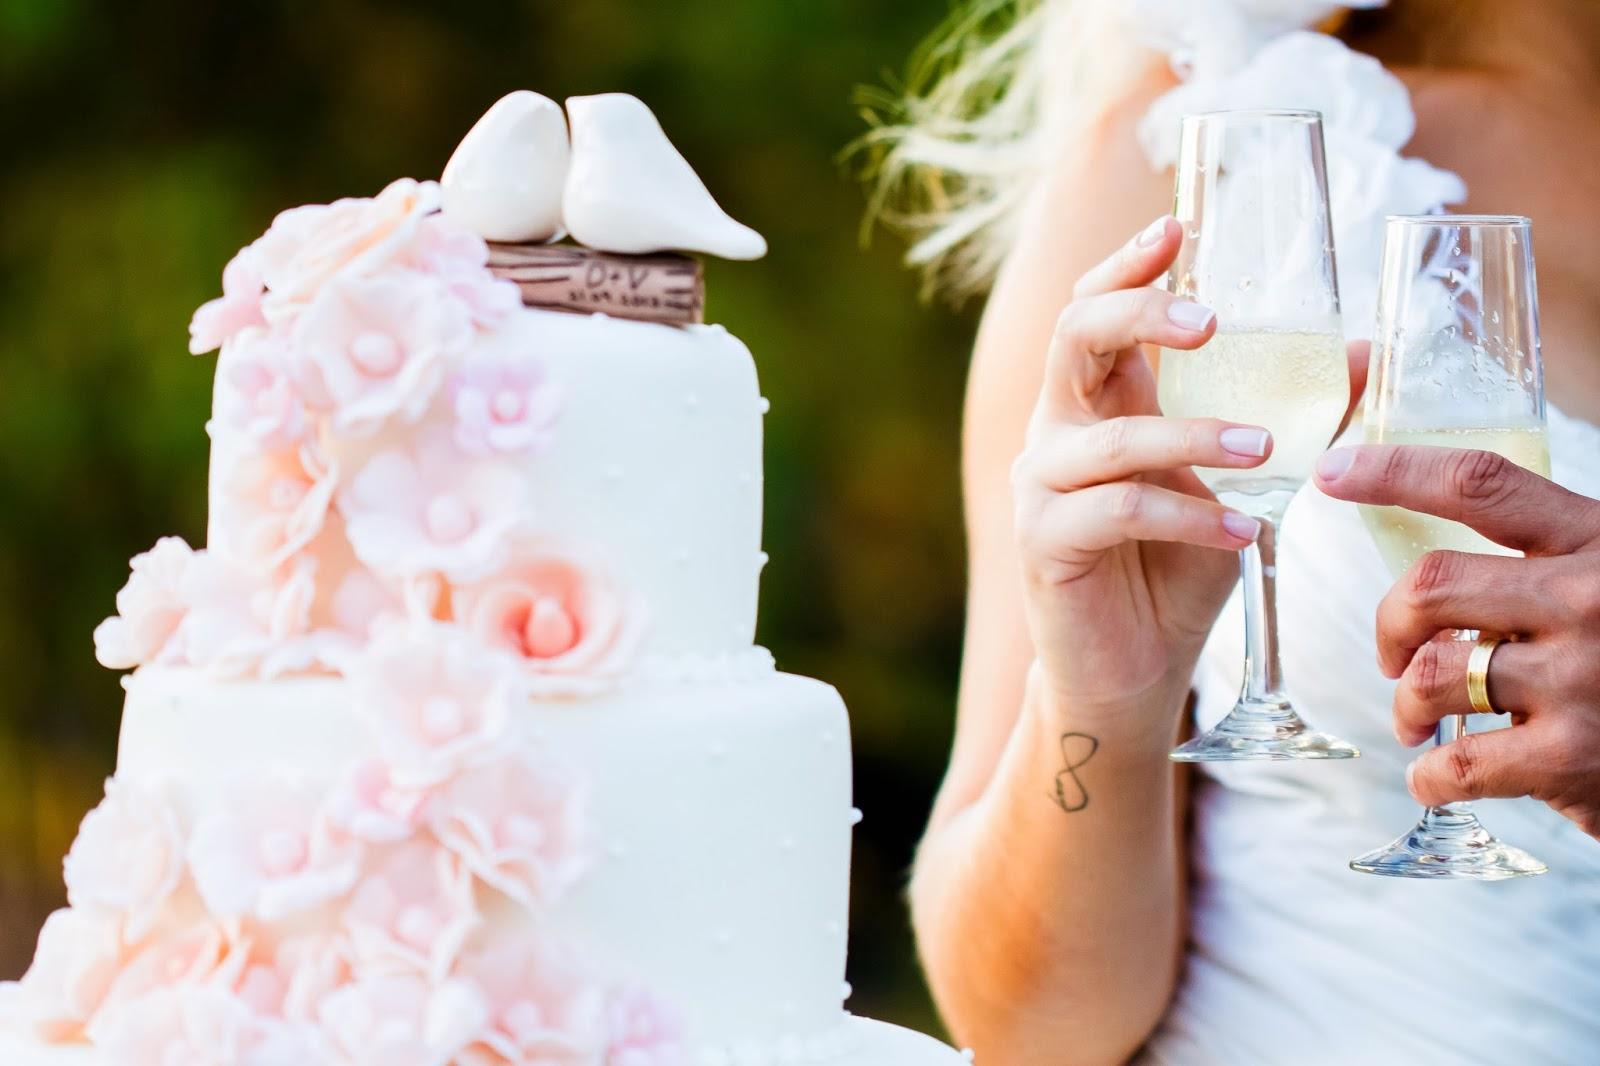 noivos - bolo - topo de bolo - bolo flores - tatuagem noiva - tatto noiva - brinde - casamento de dia - casamento ao ar livre